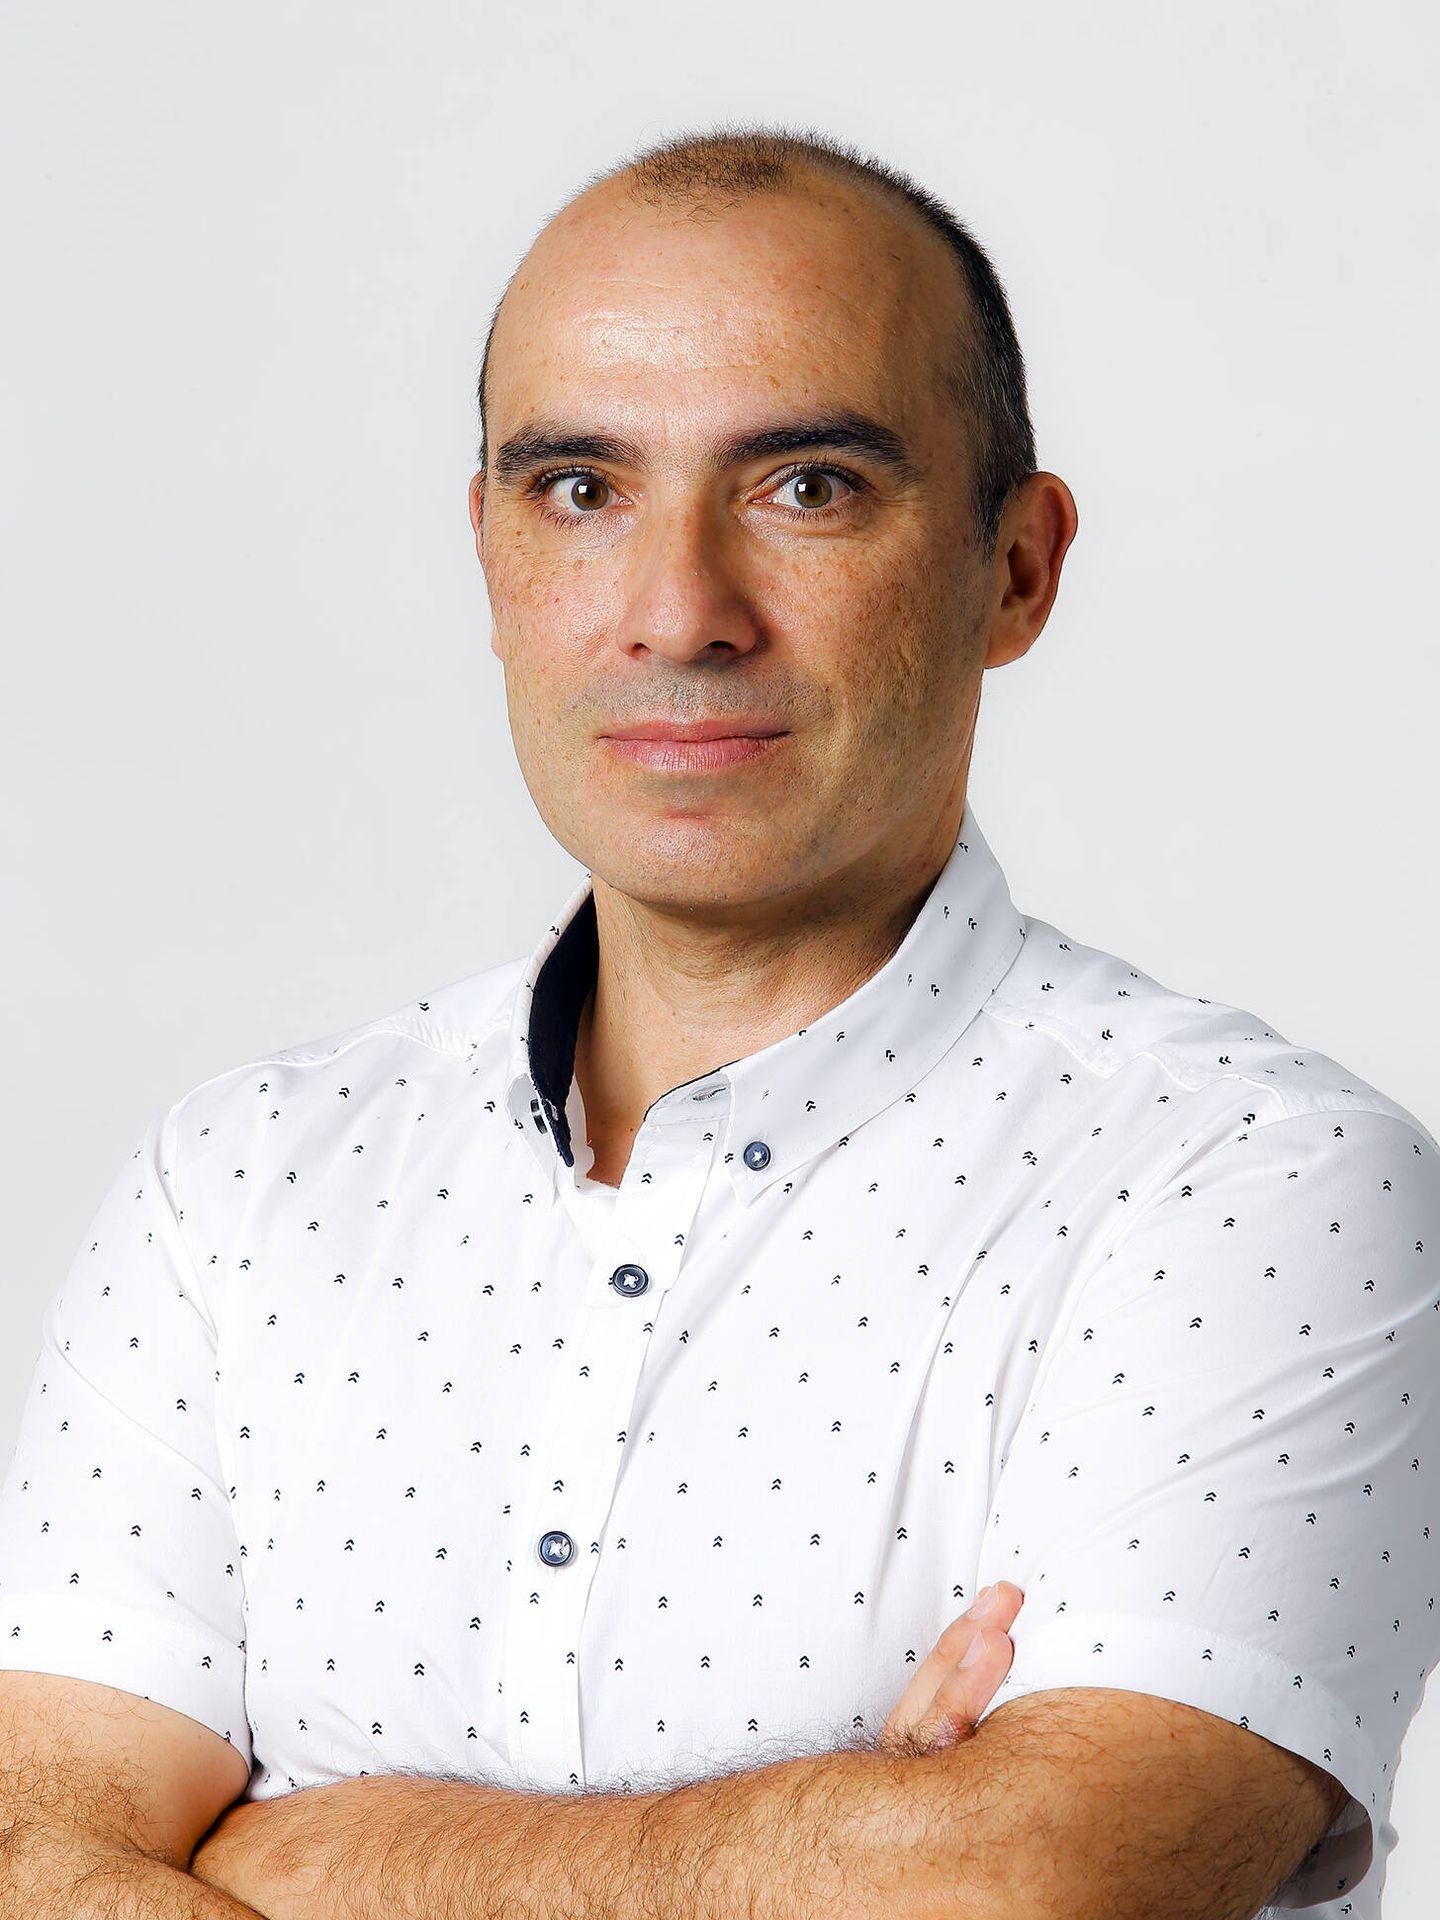 Juan Pedro de la Torre, autor del libro, es uno de los periodistas que mejor conocen el sector del motor, y reconocido experto del mundo de las dos ruedas.